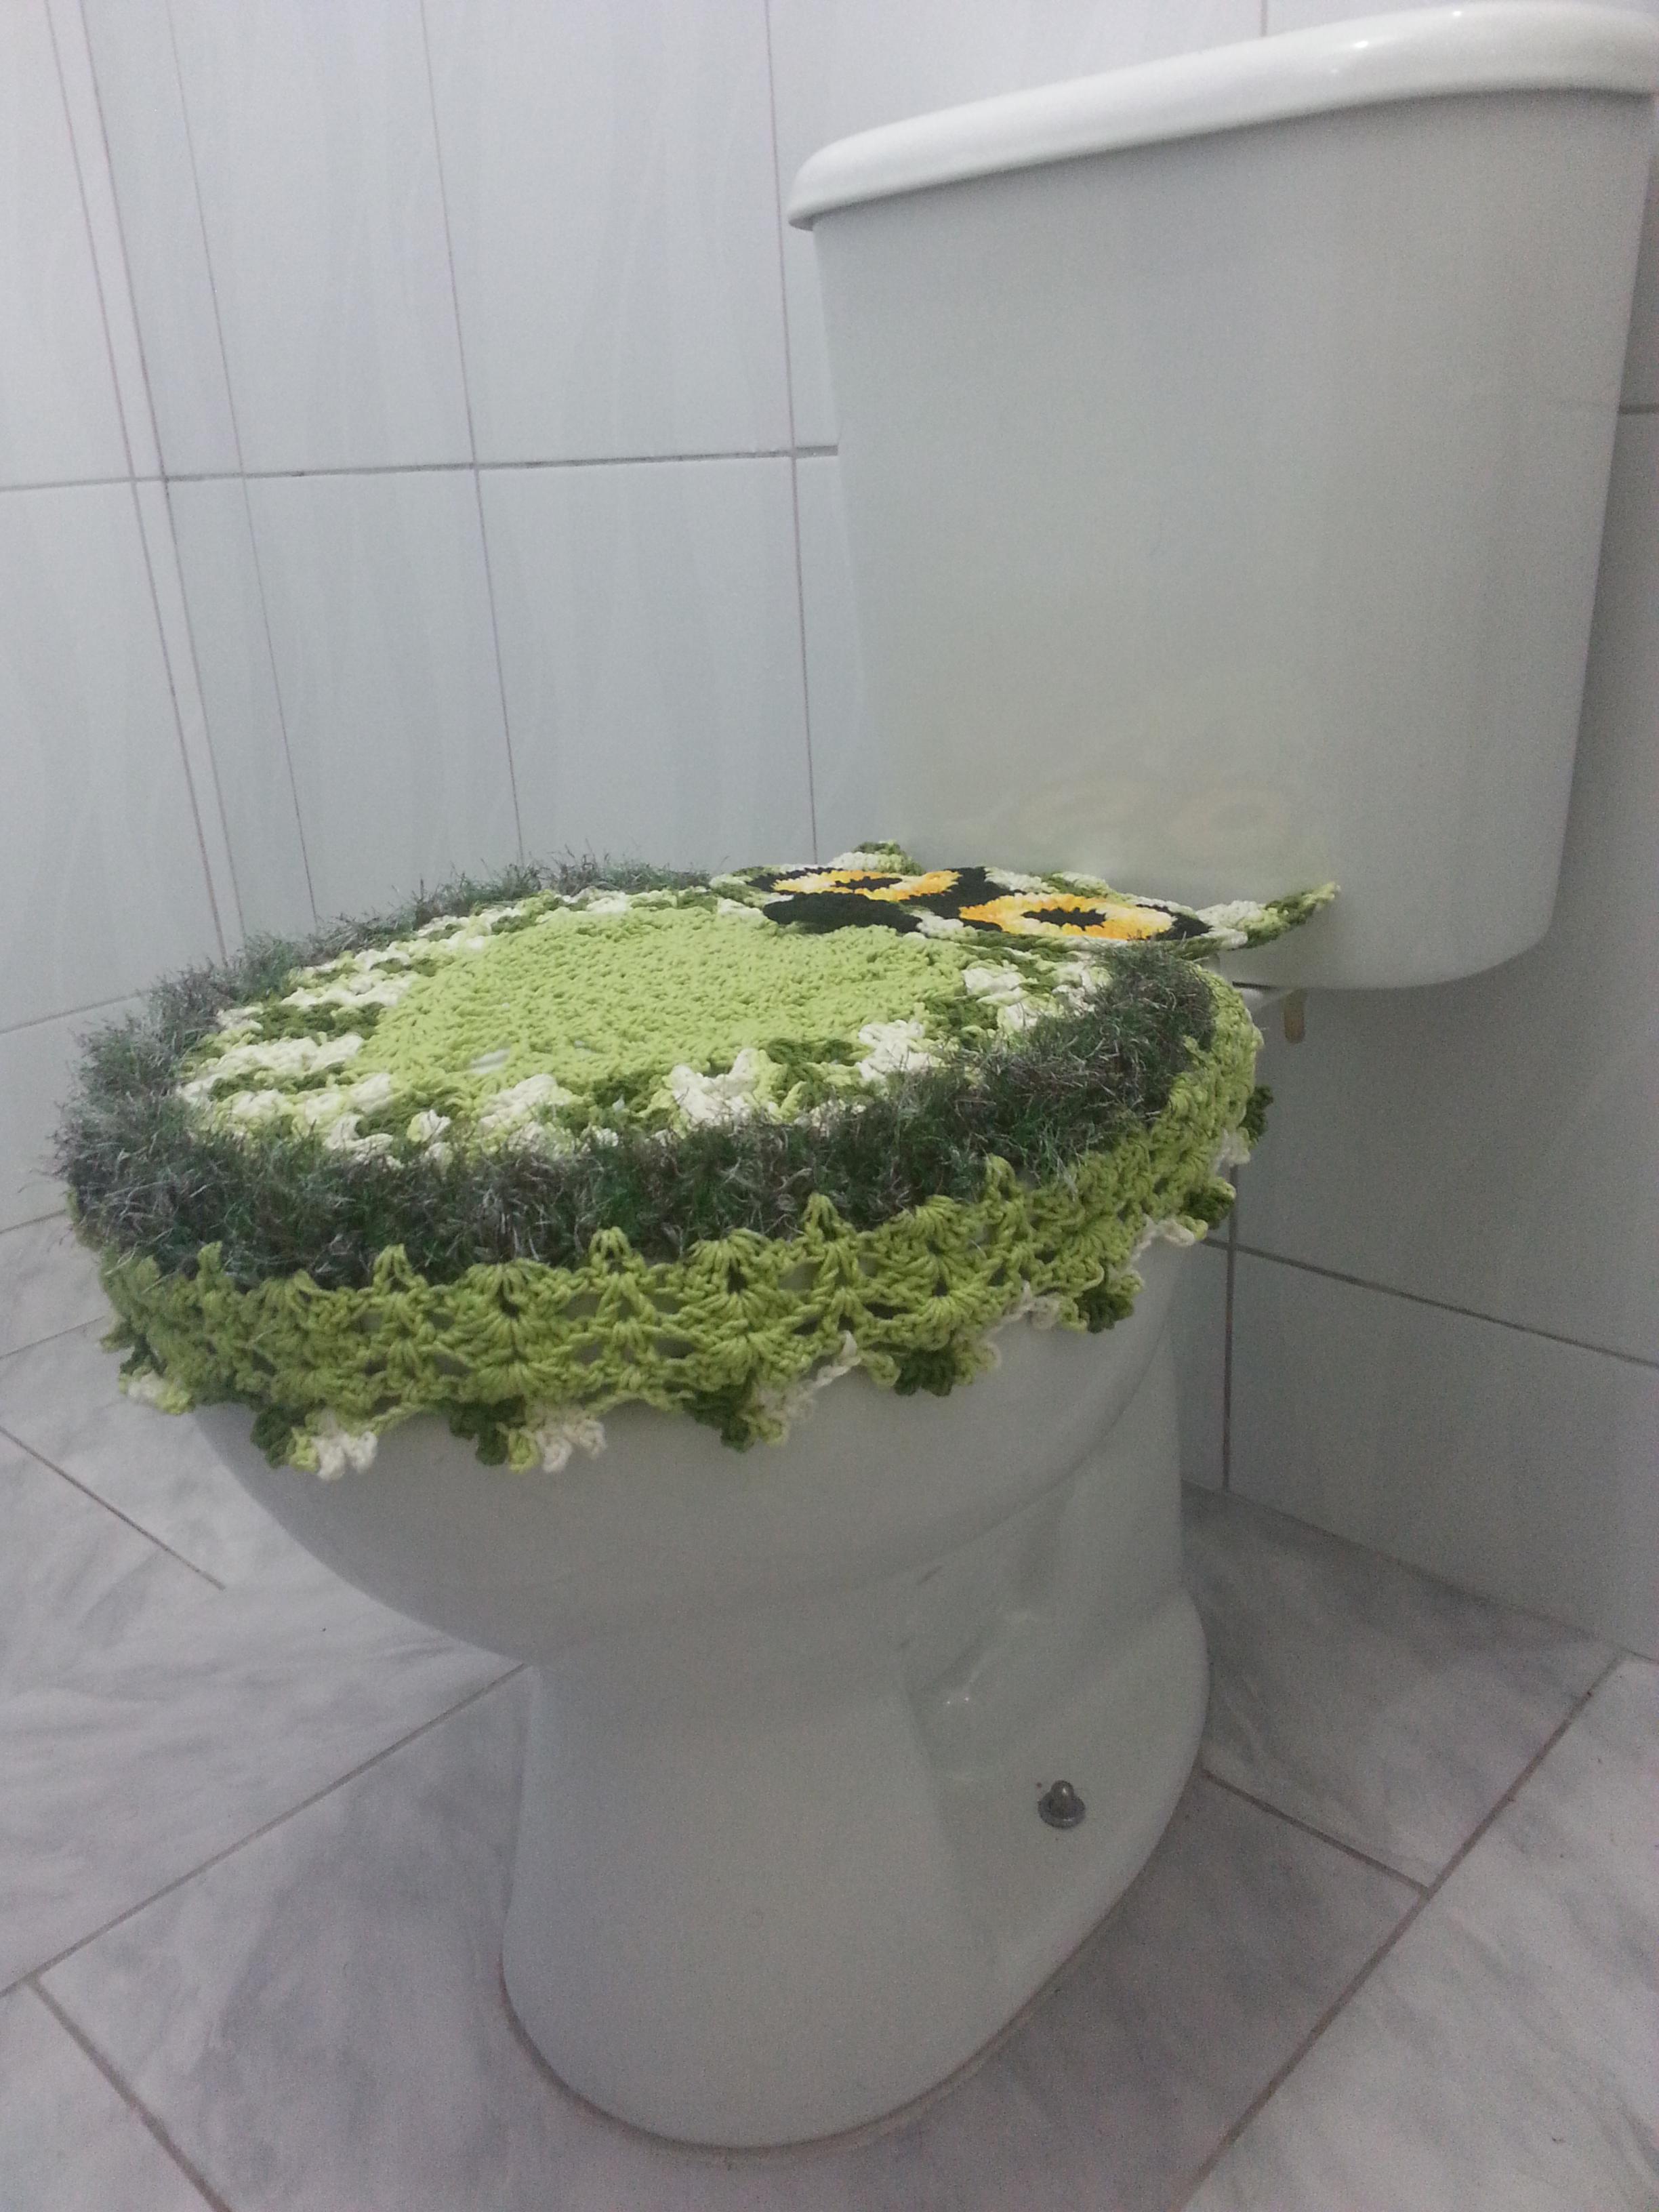 Banheiro Coruja verde Jogo De Banheiro Coruja verde Jogo De Banheiro  #798348 2448x3264 Banheiro Amarelo Com Preto